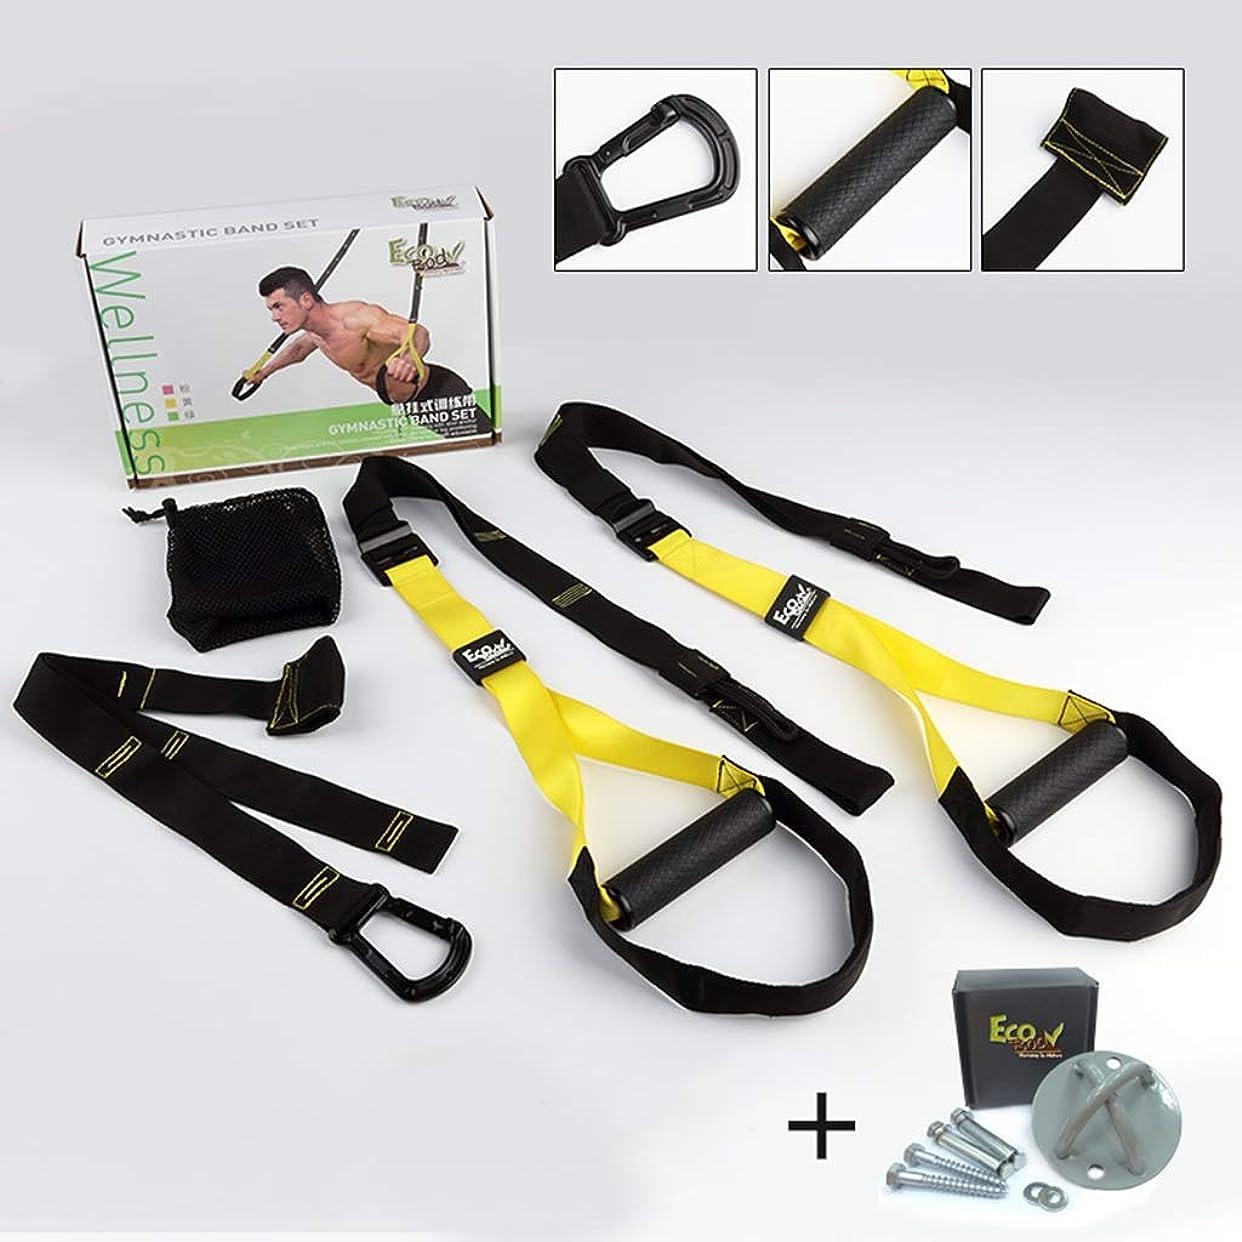 西反毒助けてプルロープ男性の胸の抵抗運動家スクワットフィットネス機器と吊り訓練 (色 : Fitness package+fixed disk)